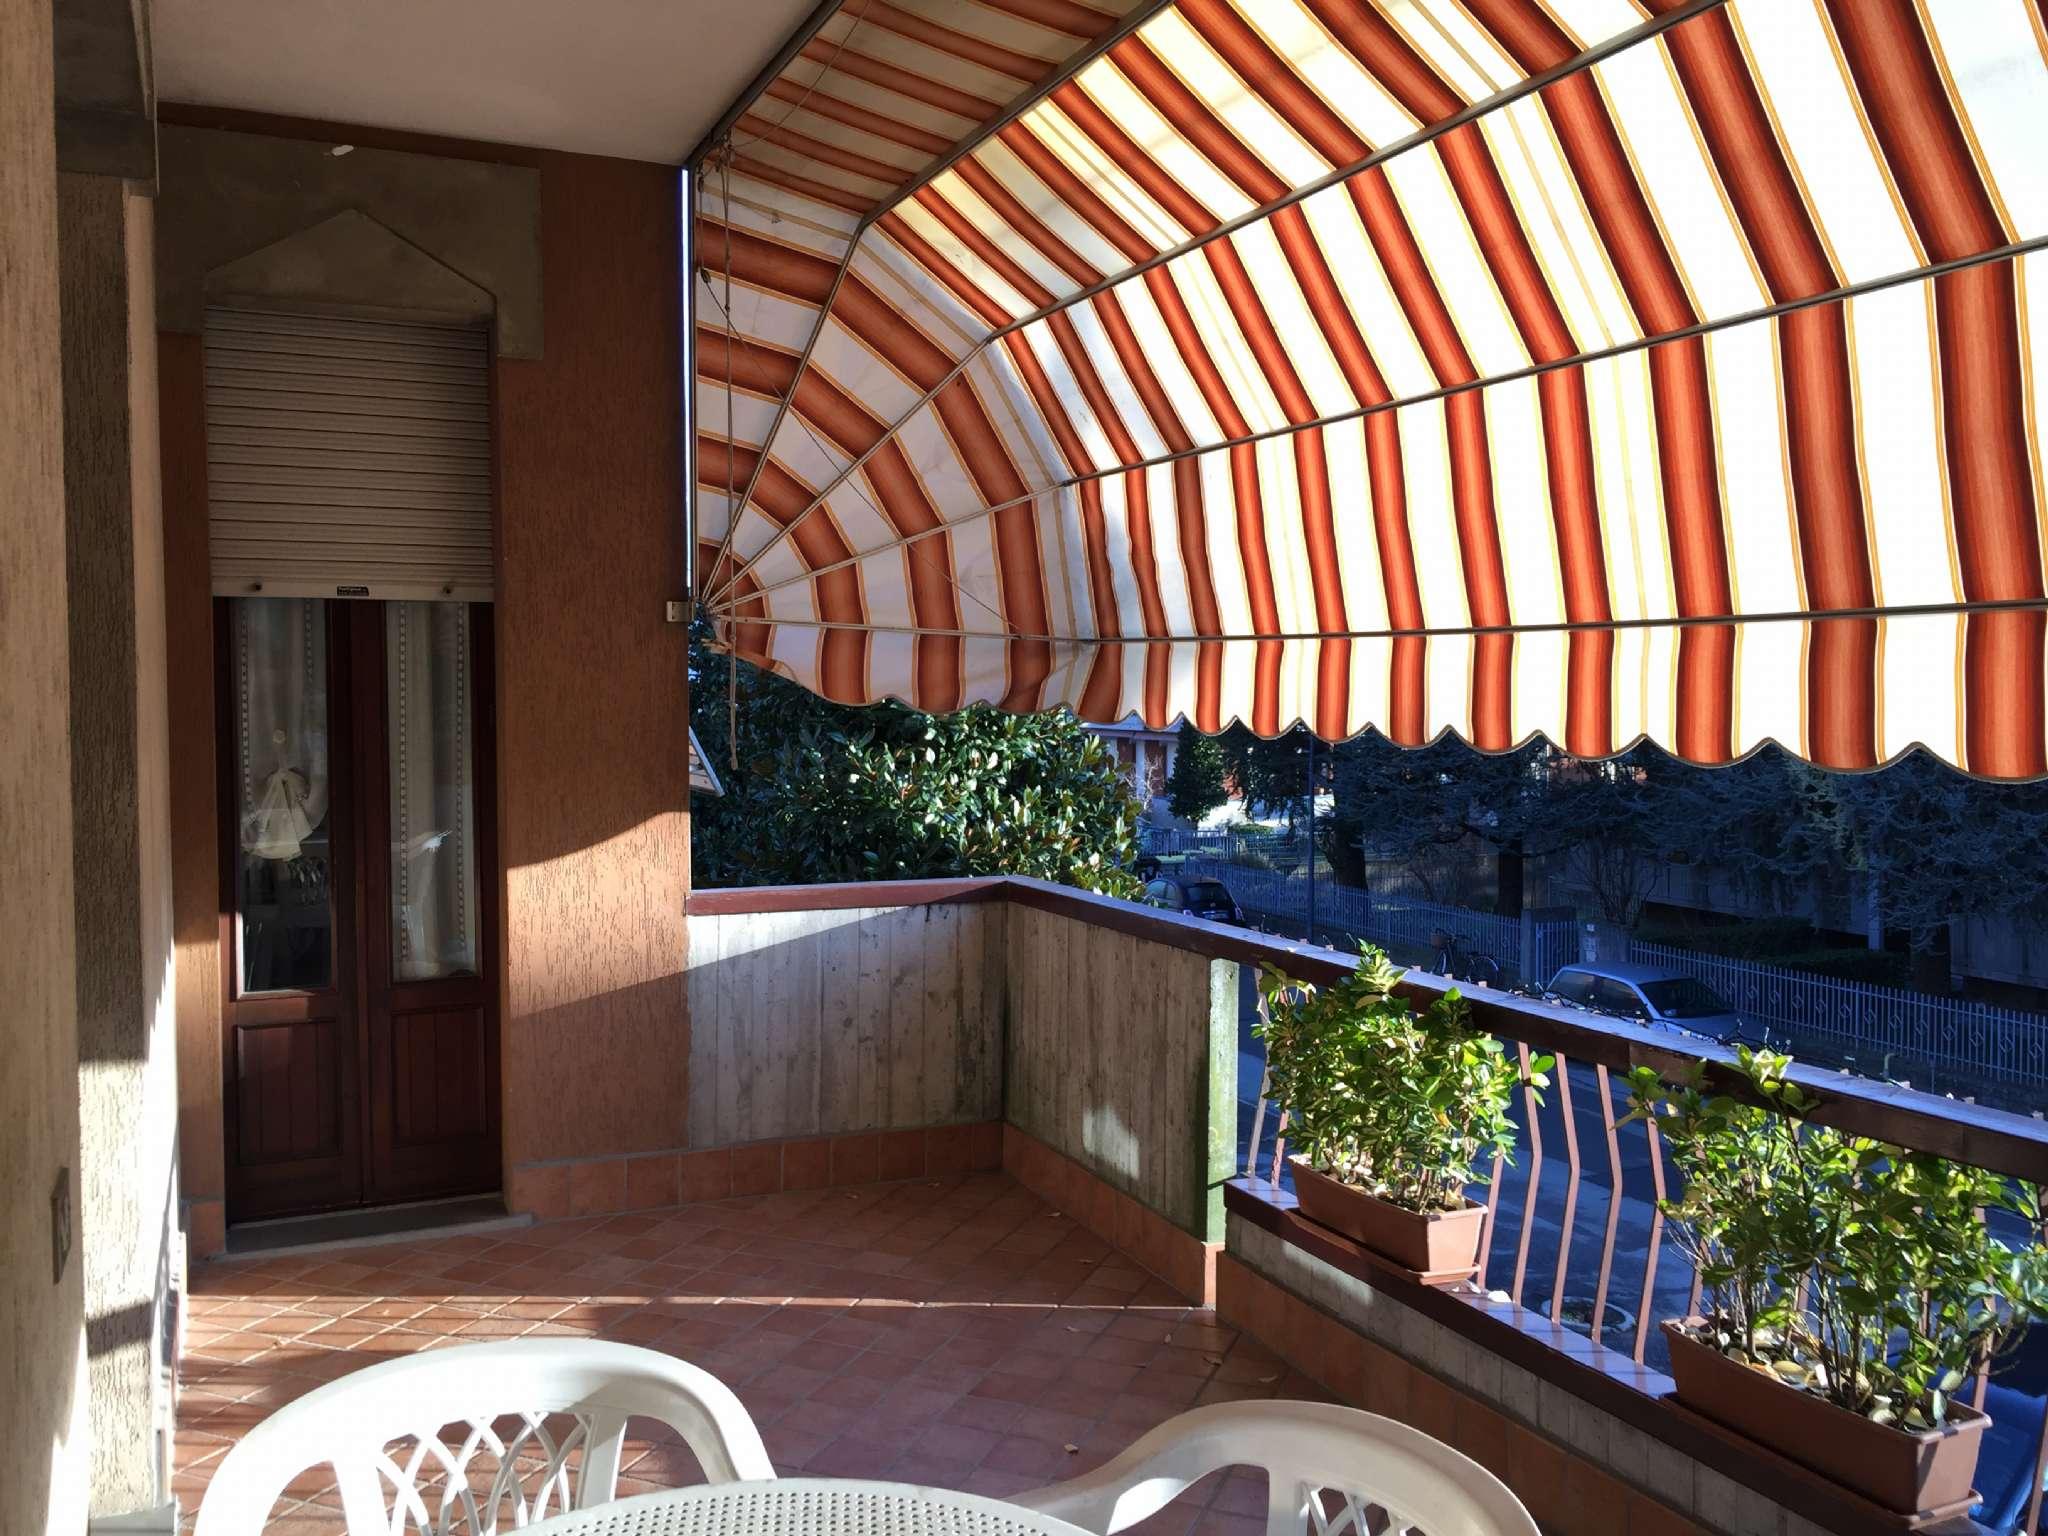 Appartamento in vendita a Fiorenzuola d'Arda, 3 locali, prezzo € 160.000 | PortaleAgenzieImmobiliari.it